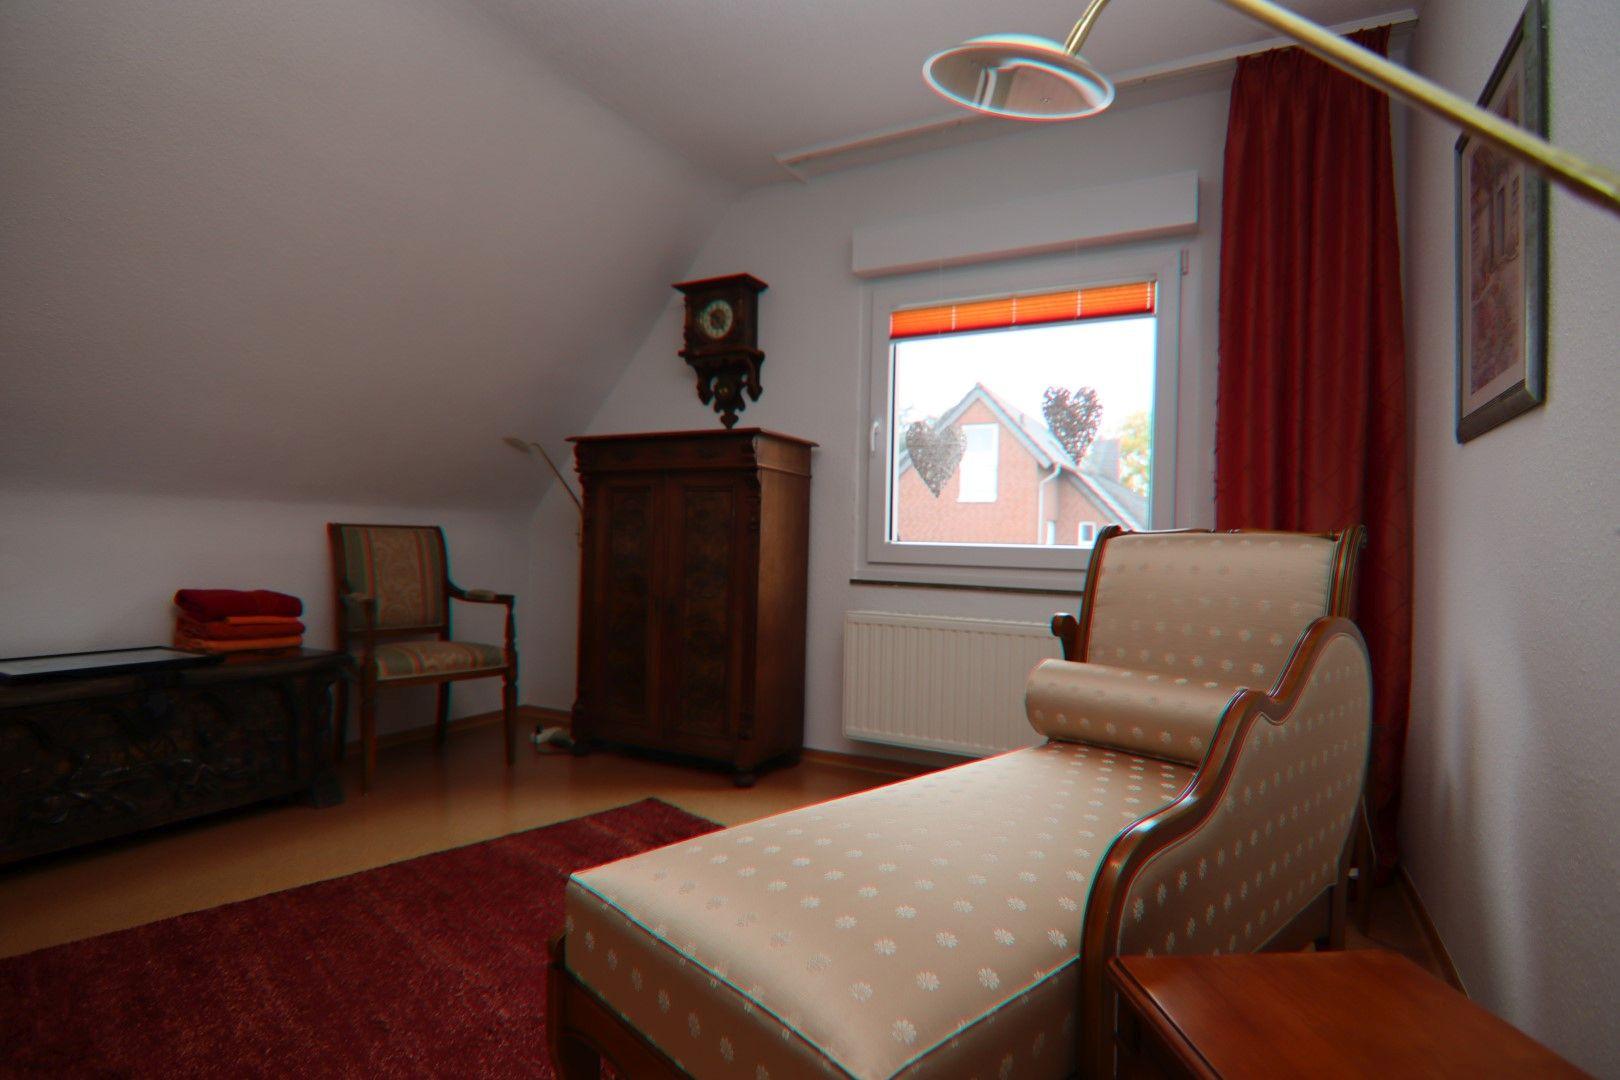 Immobilie Nr.0281 - Freistehendes EFH mit Vollkeller, Wintergarten u. Garage  - Bild 15.jpg